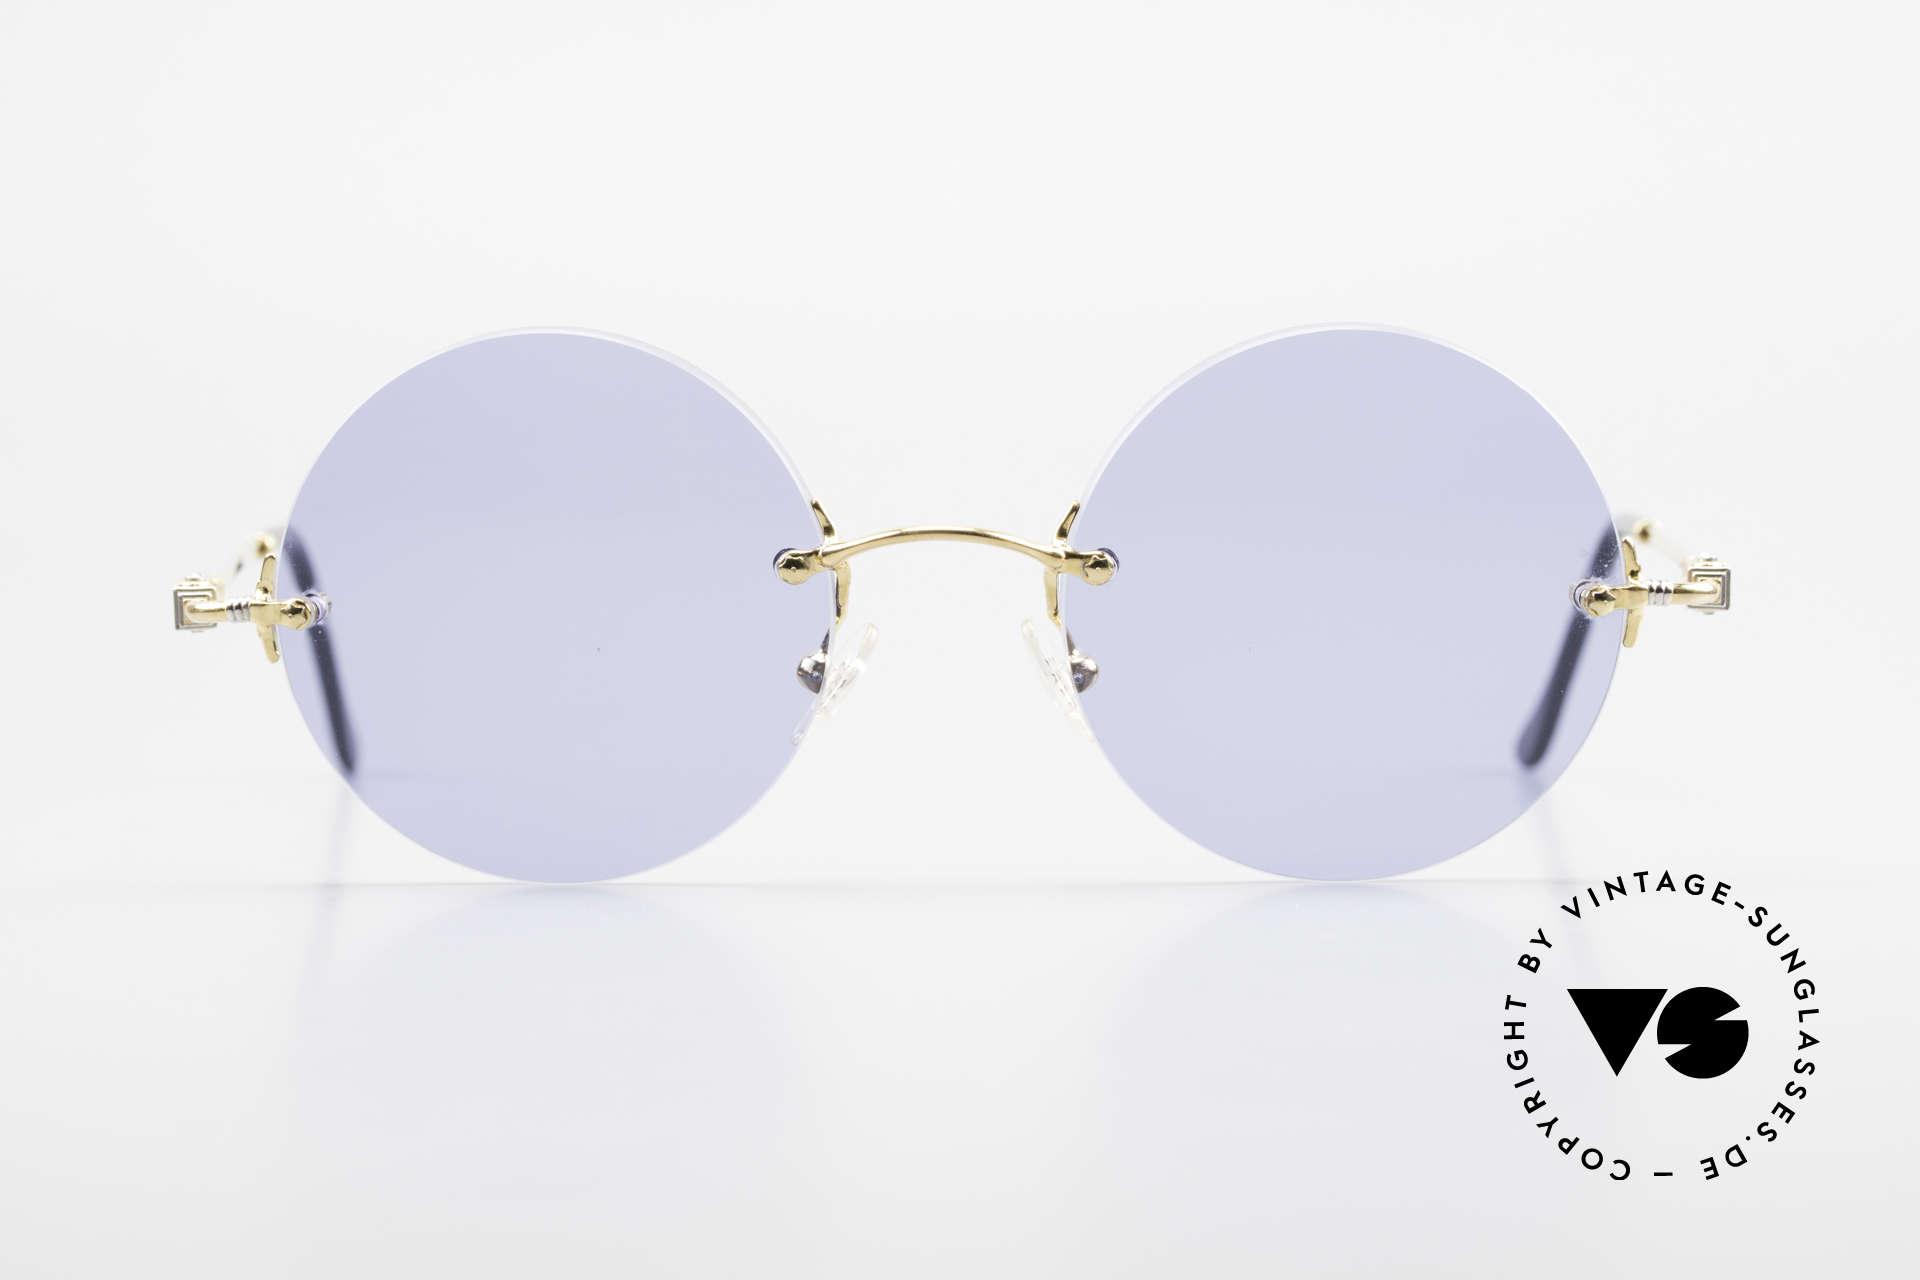 Fred Fidji Luxus Brille Rund Randlos 90er, marines Design (charakteristisch Fred) in Top-Qualität, Passend für Herren